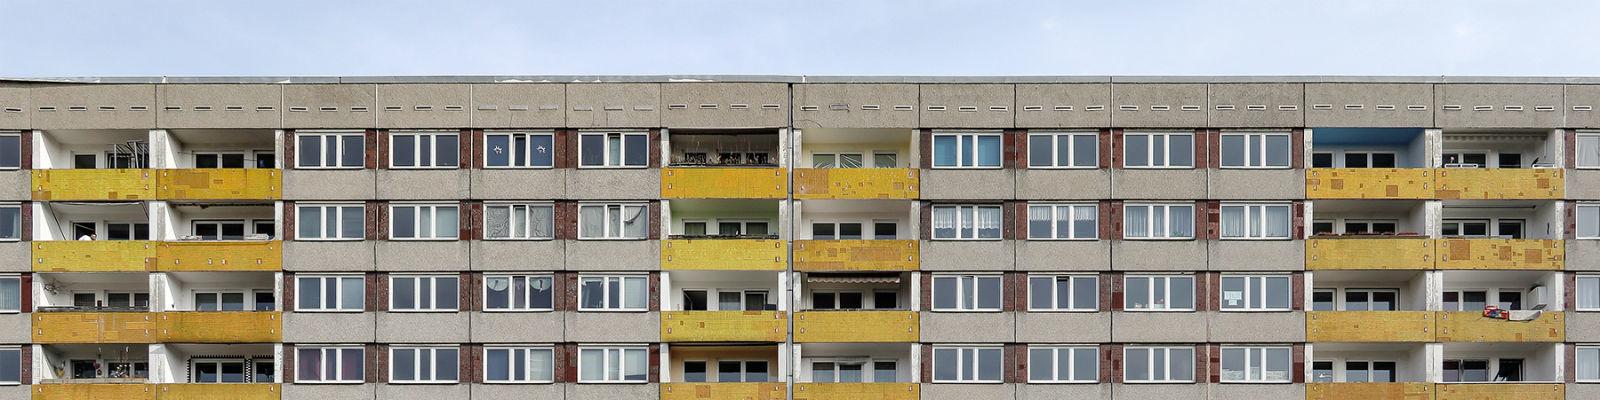 Studentenwohnheim in Dresden